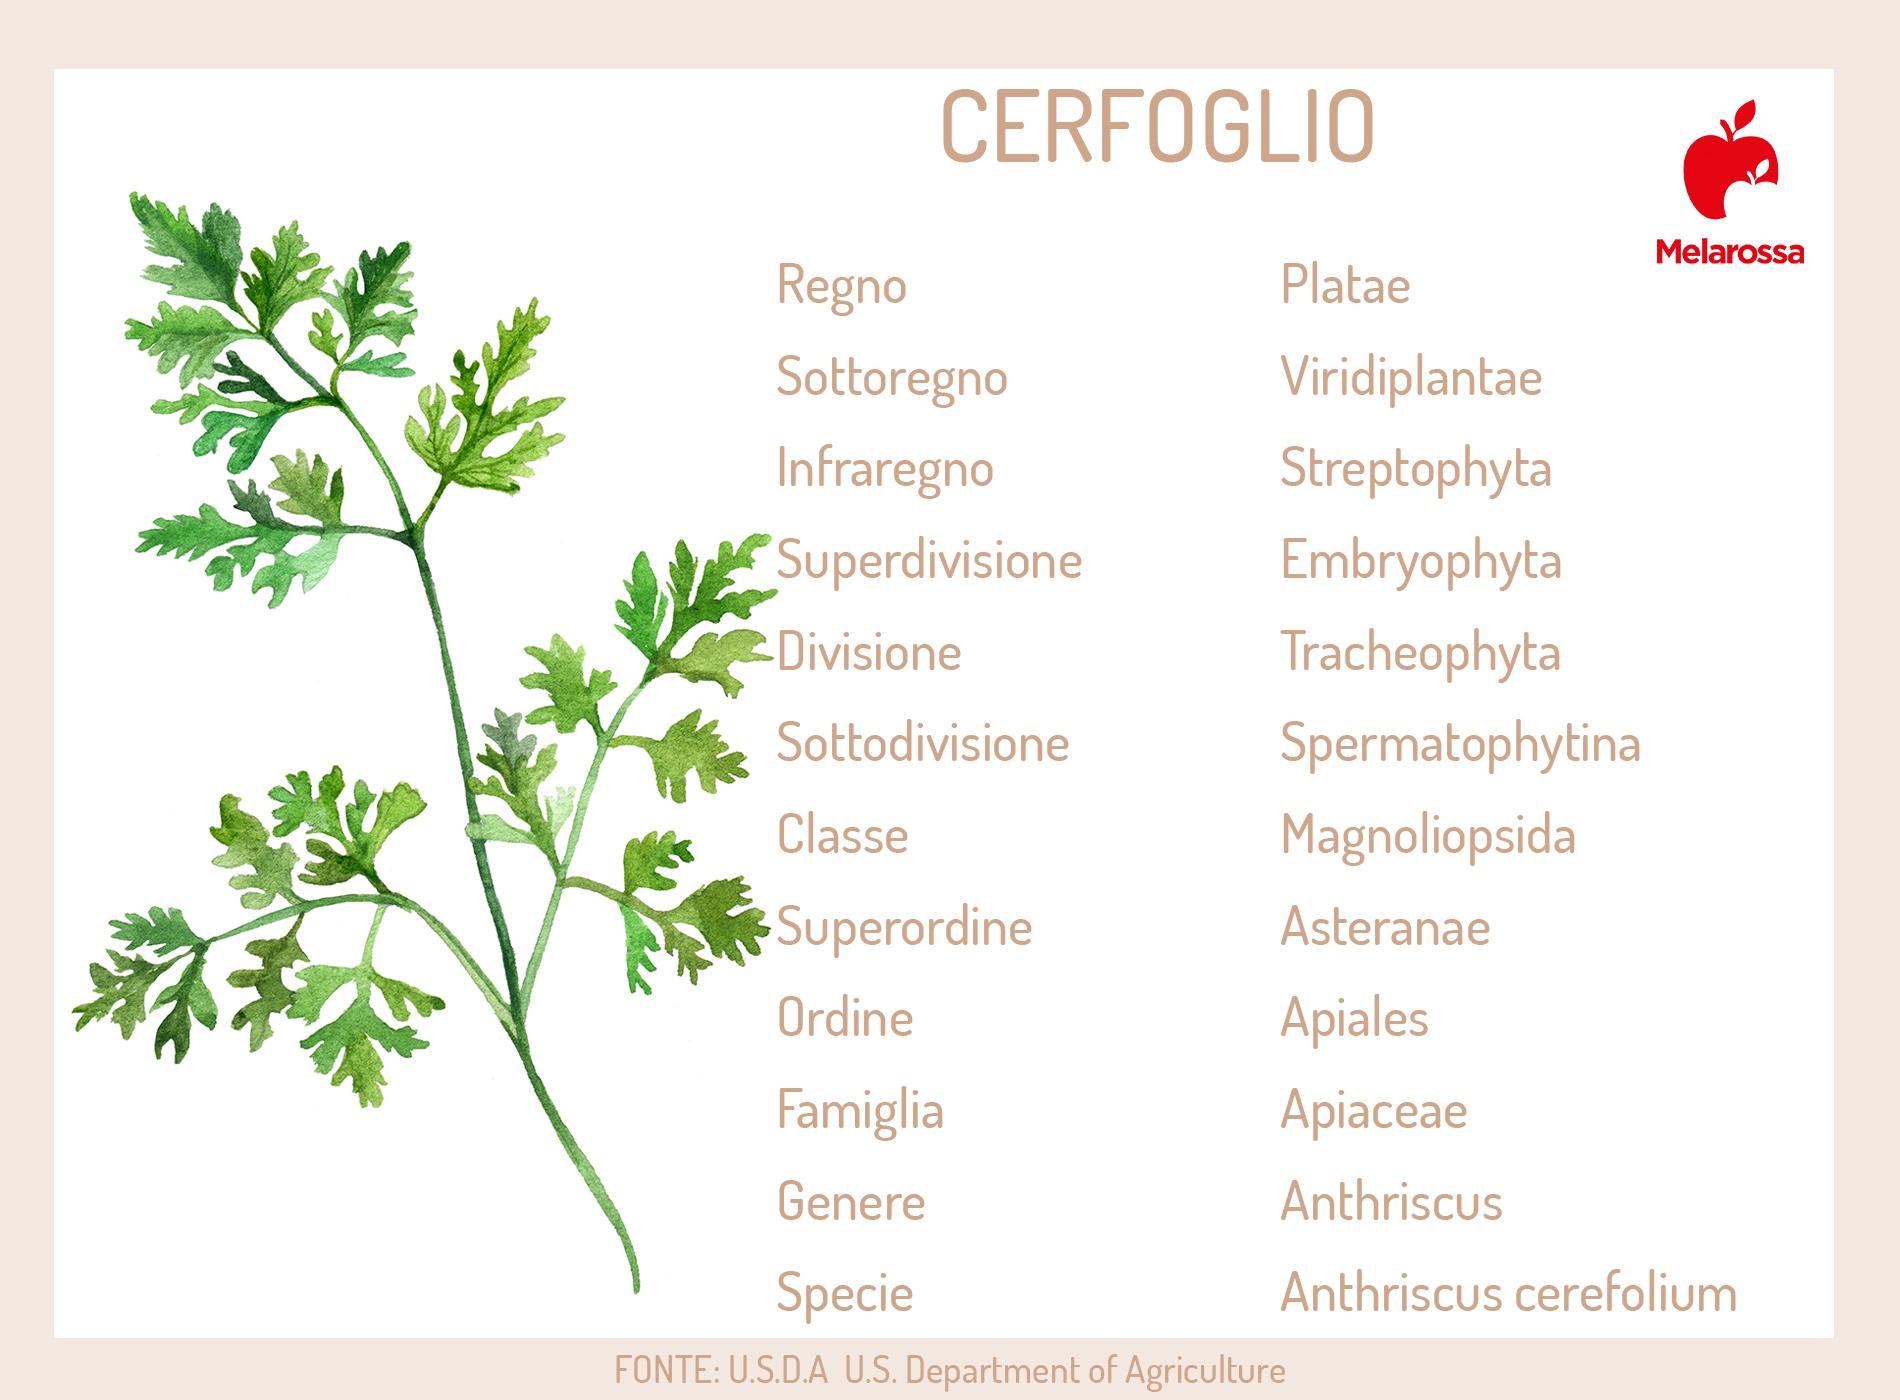 cerfoglio: botanica